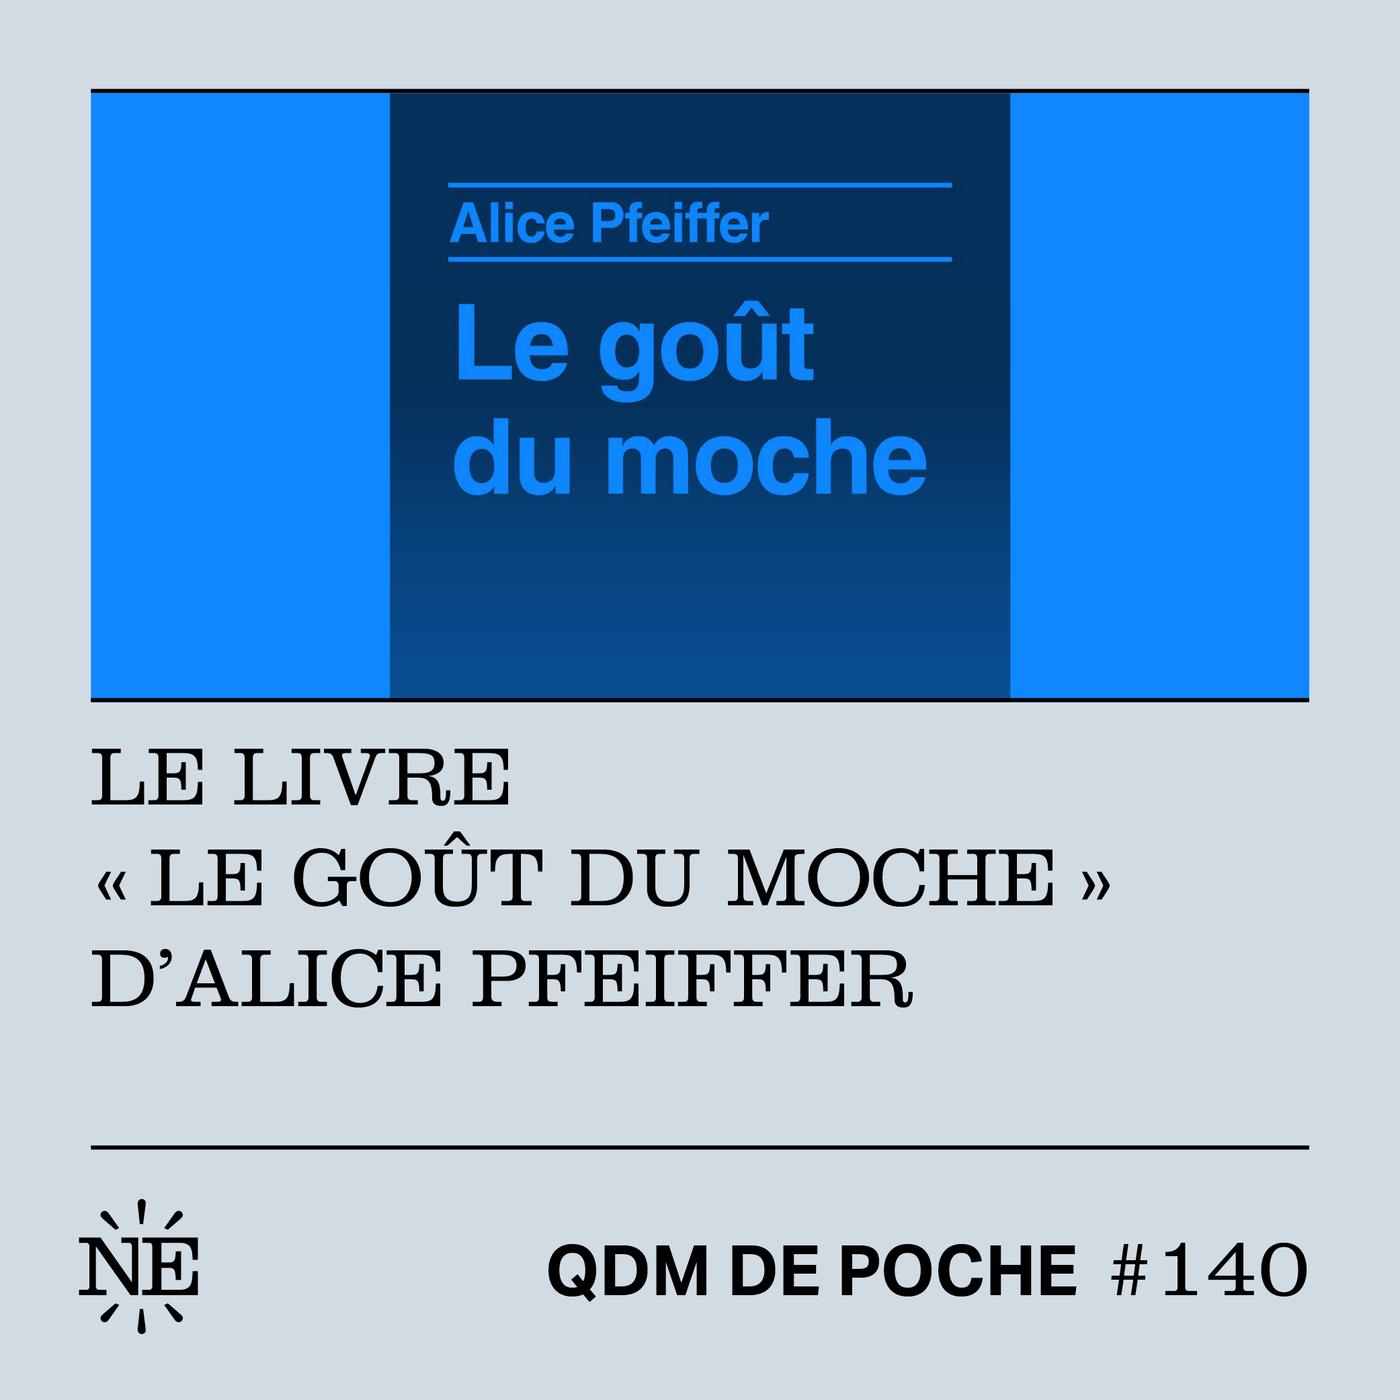 """#140 - QDM de Poche - Le livre """"Le goût du moche"""" d'Alice Pfeiffer"""